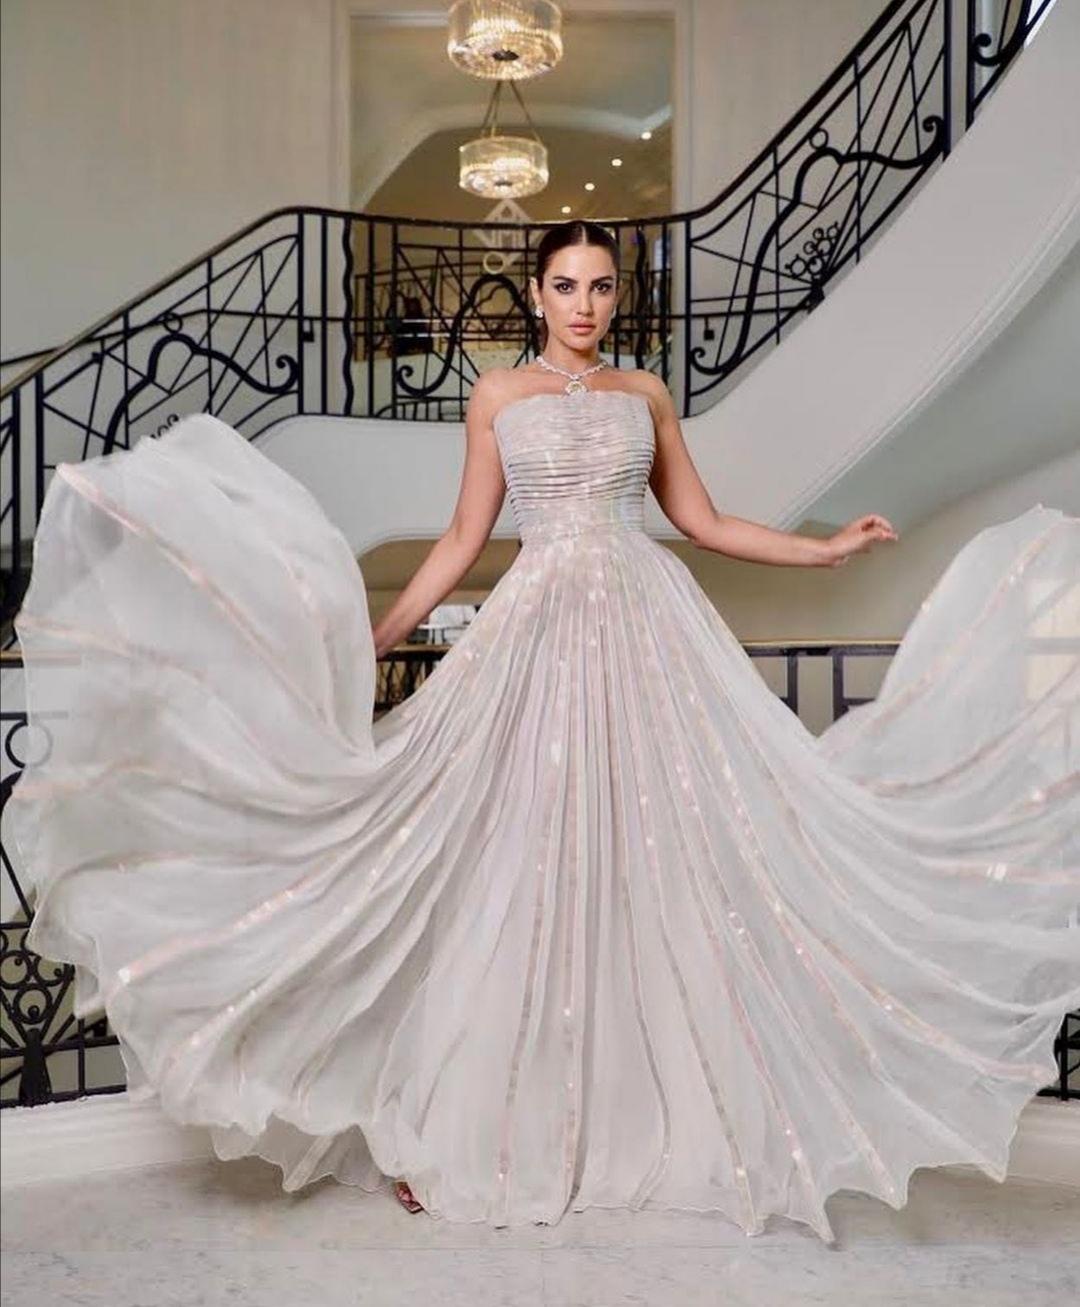 درة زروق بفستان من رامي قاضي